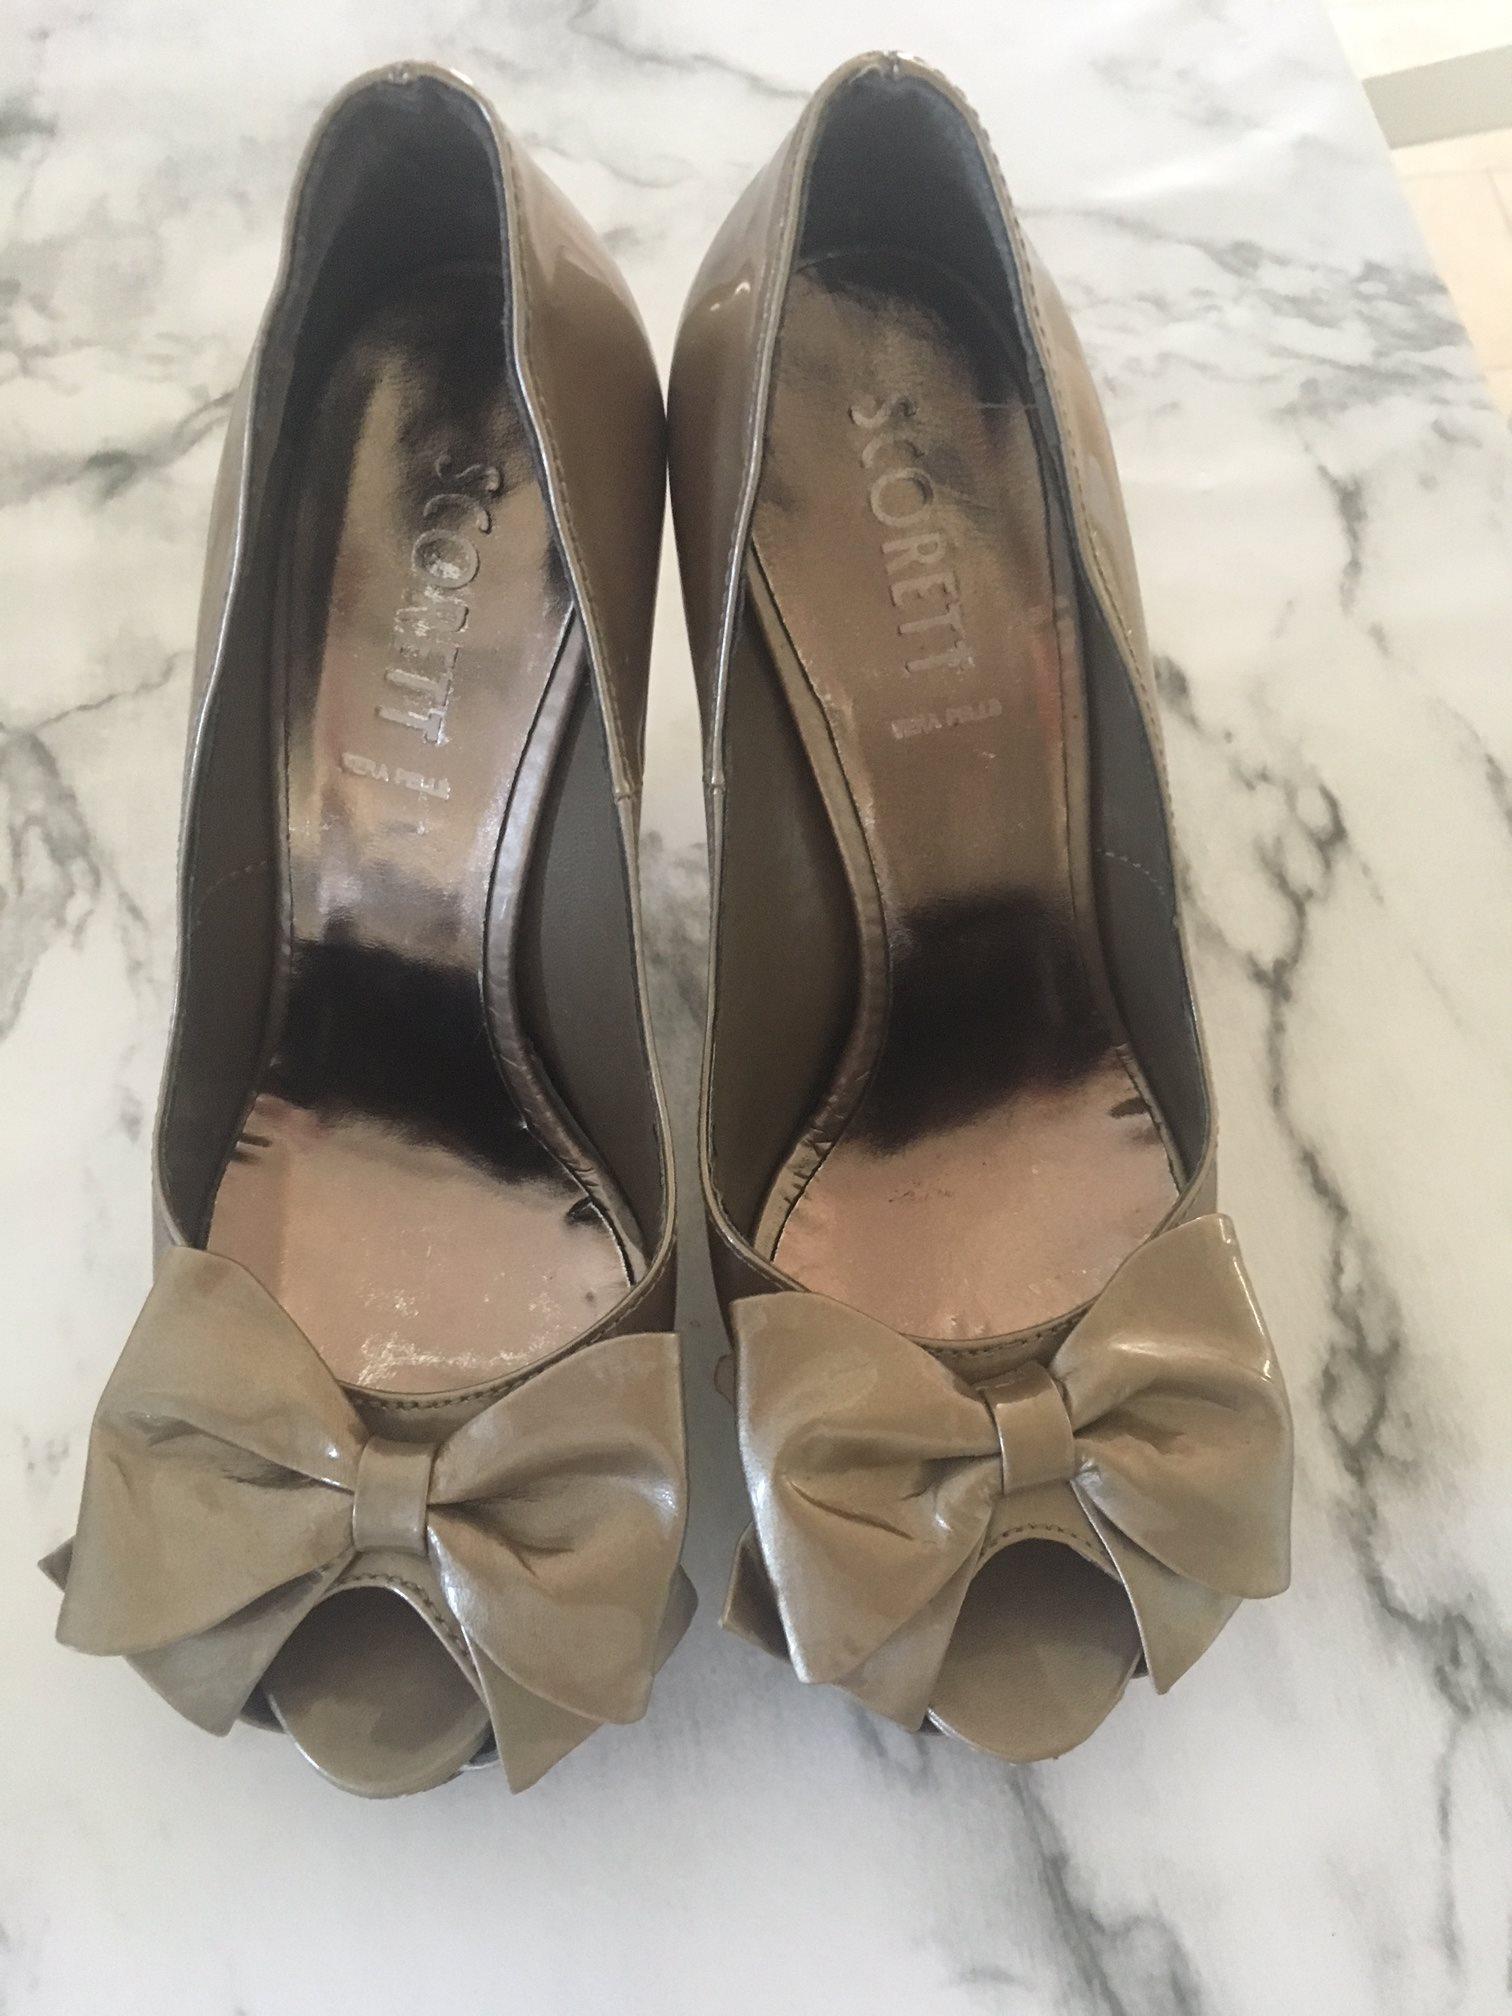 Snygga högklackade skor med rosett från Scorett.. (341609248) ᐈ Köp ... 08bd0d1971a8c